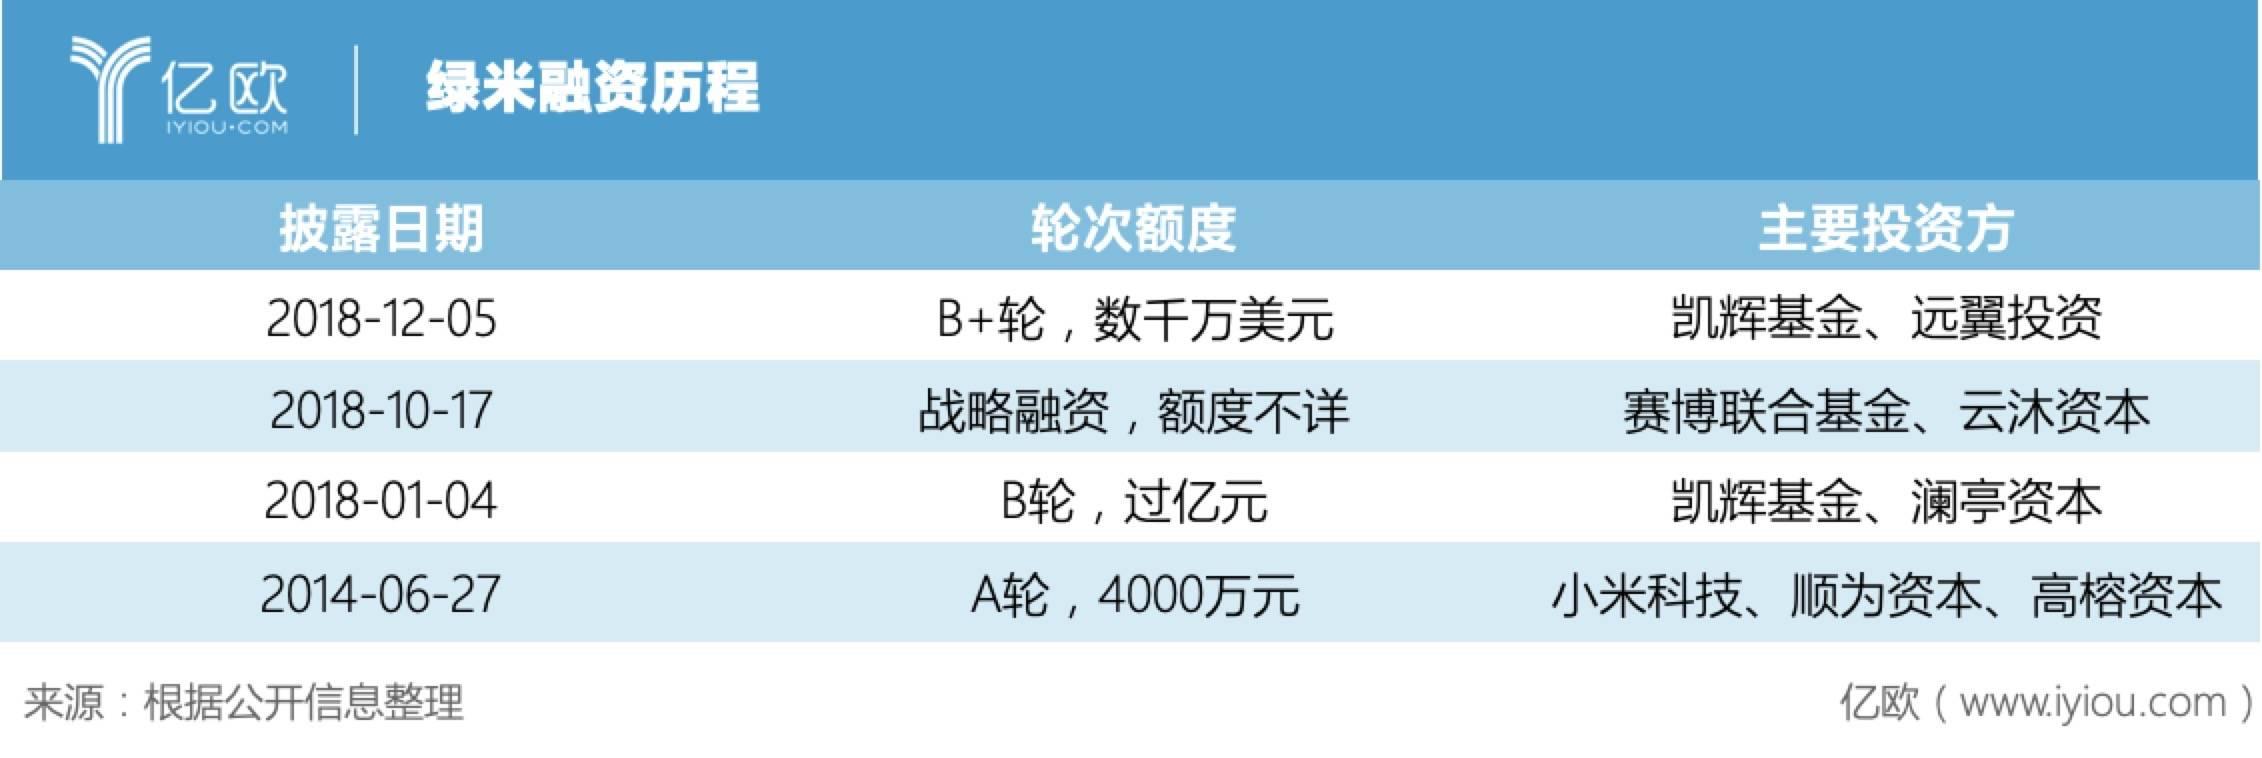 绿米融资历程.jpg